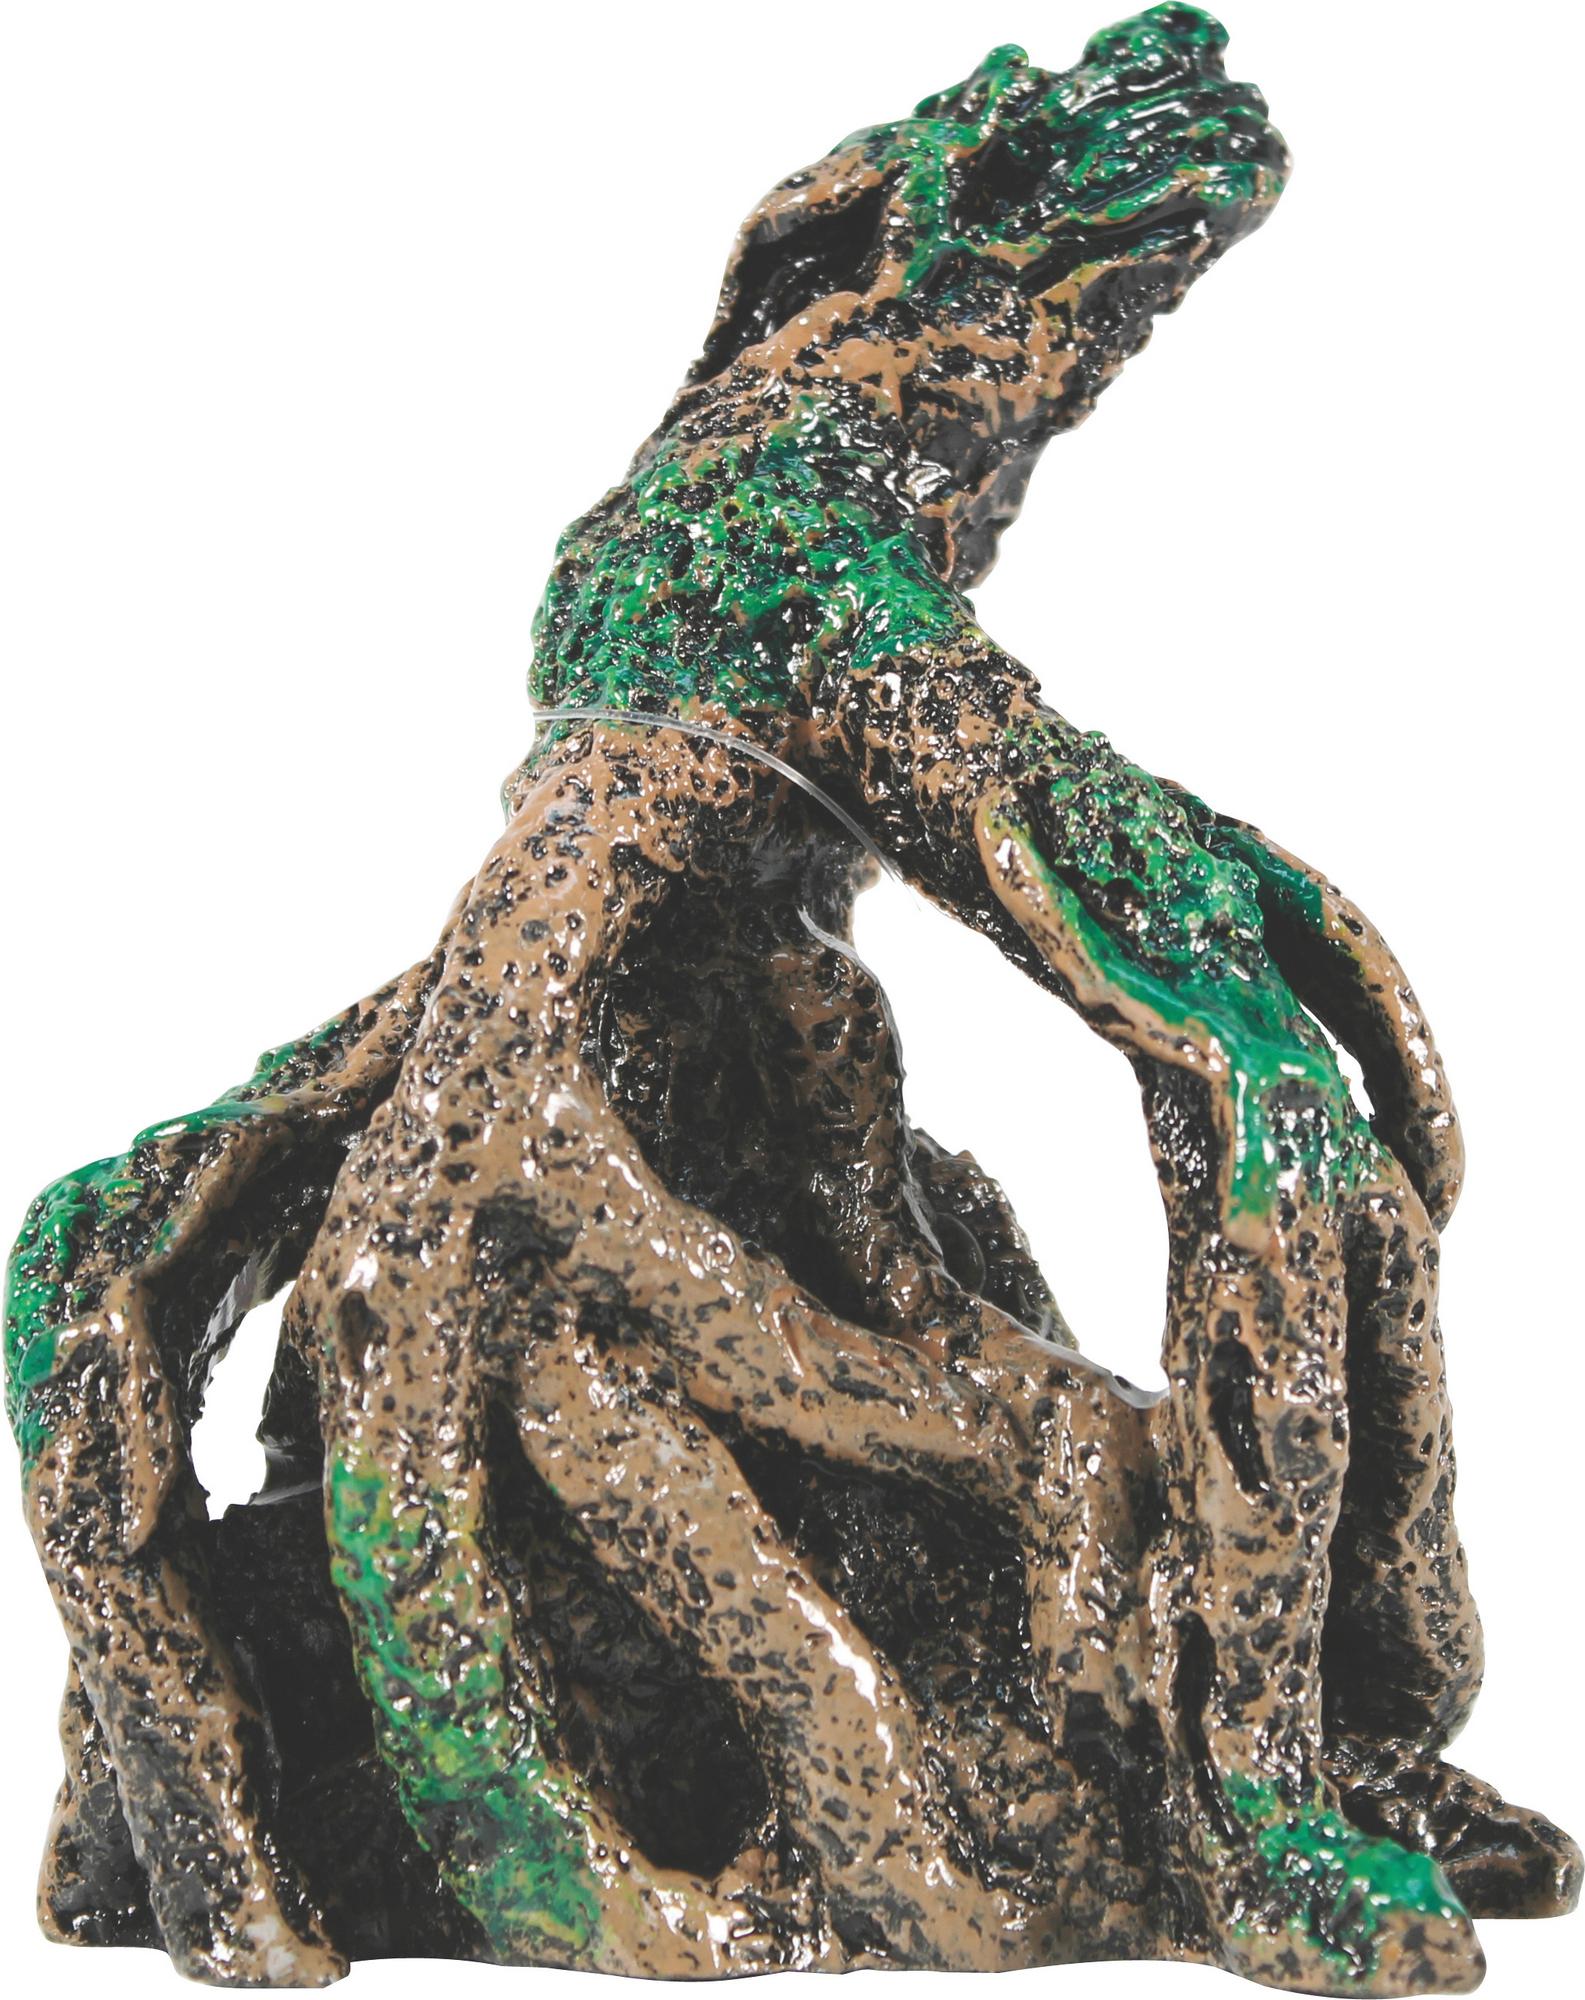 Glofish Mangrove Aquarium Ornament